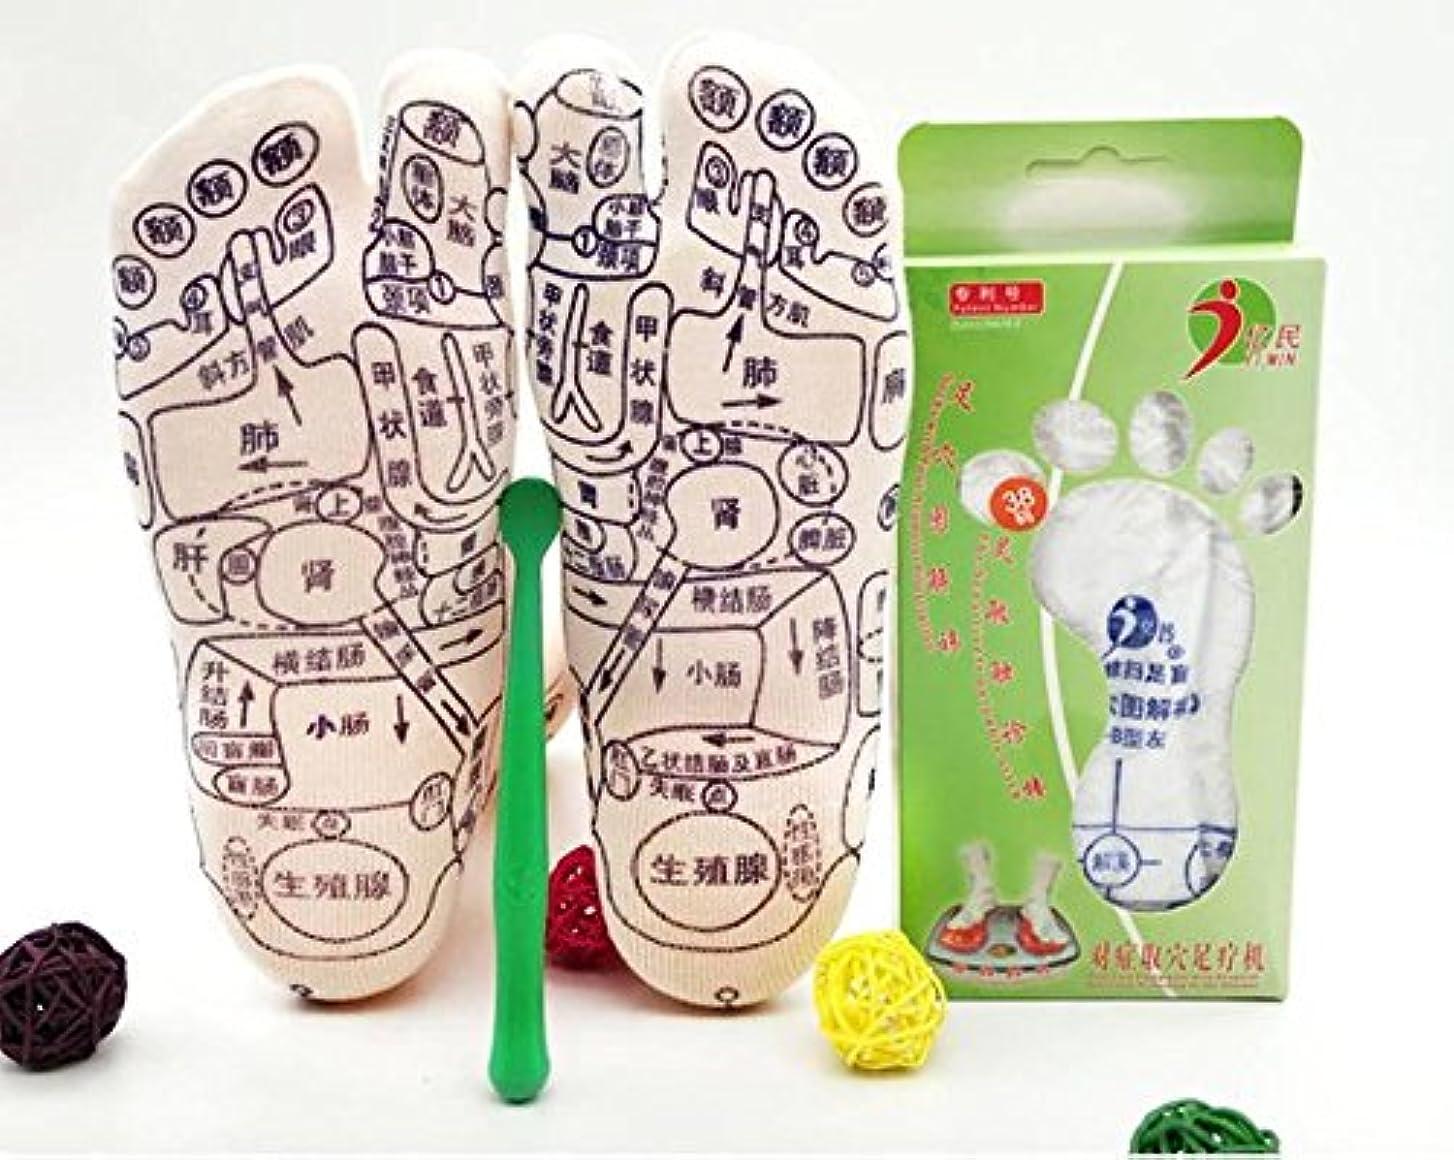 窒息させる誕生日させるMNoel 健康 足裏 足ツボ プリント ソックス ツボ押し スティック付き 足つぼ くつした 靴下 反射区 サイズ23~26センチ 中国語簡易説明書付き